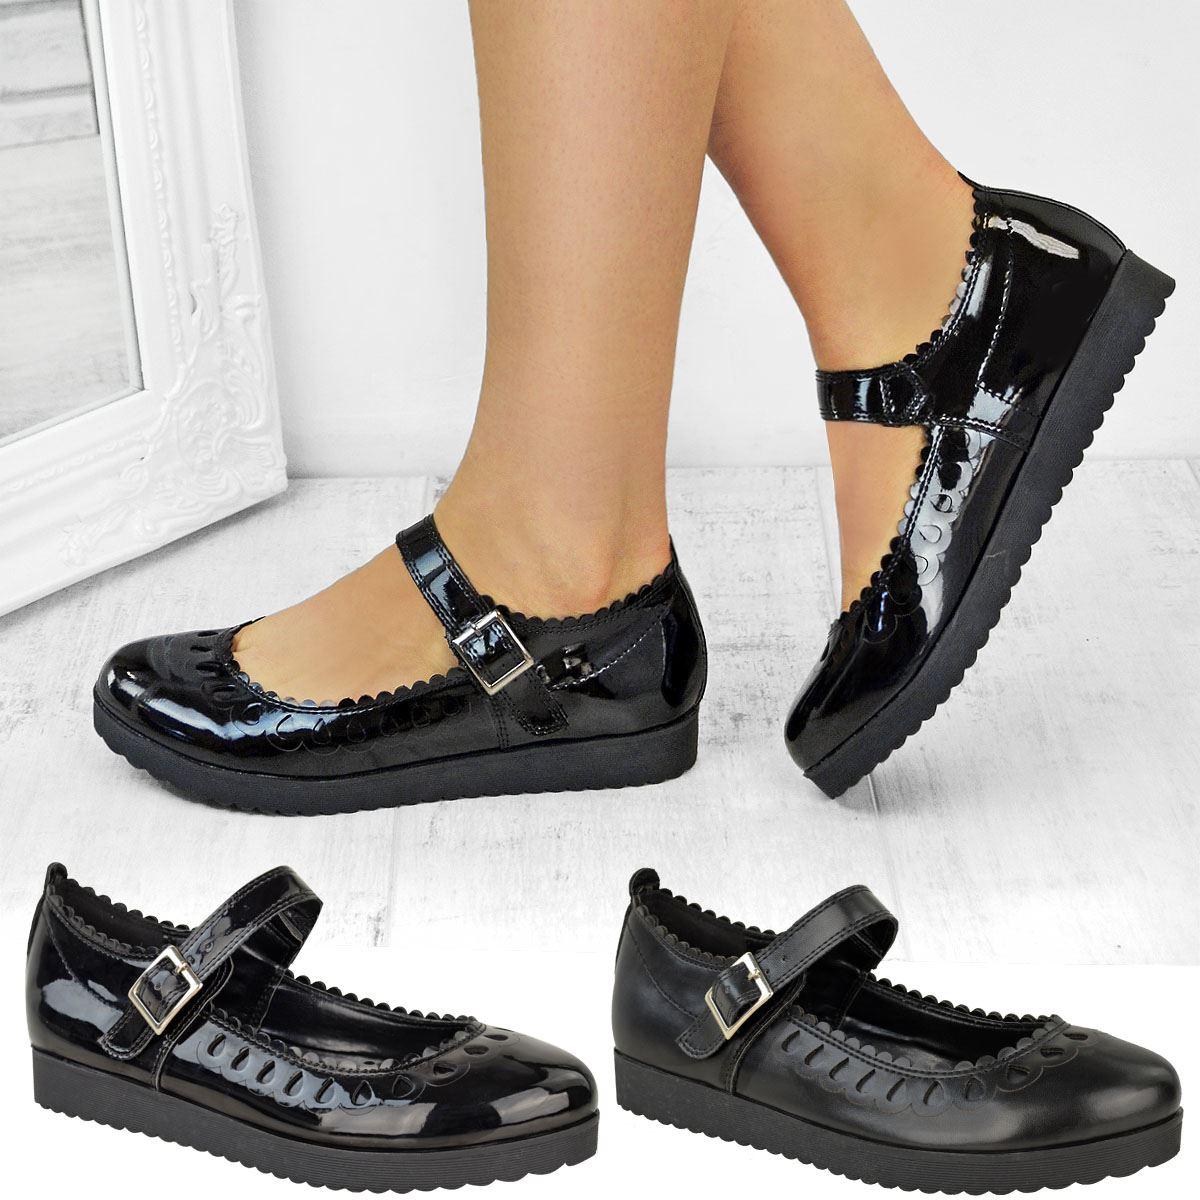 Para Mujeres Niñas Negro Plano regreso a la Escuela Zapatos Suela Agarre de goma Smart Casual Tamaño | eBay